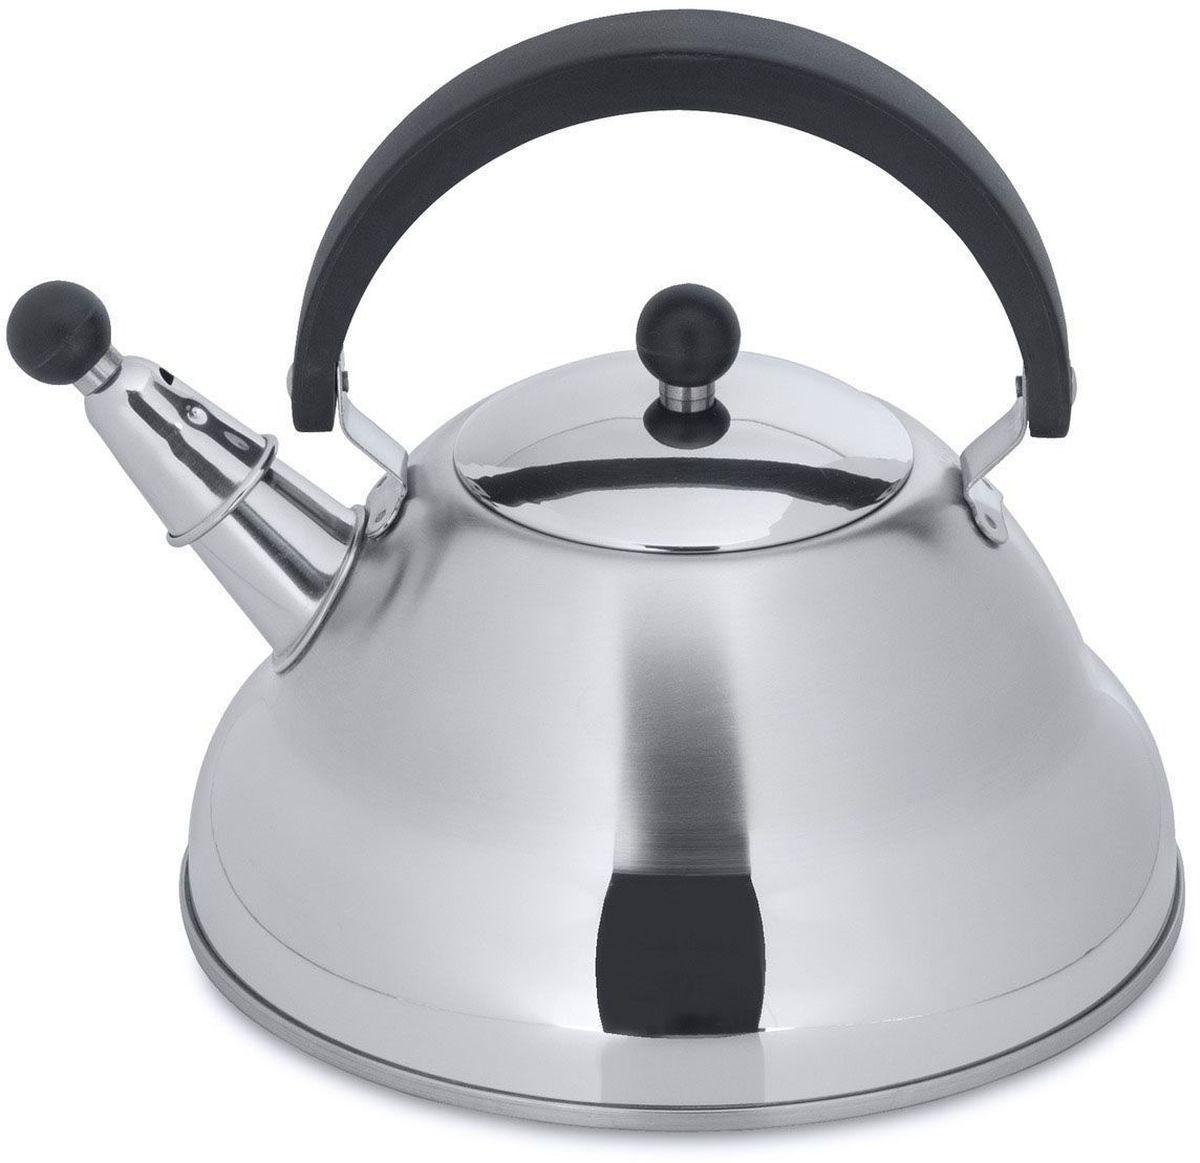 Чайник BergHOFF Studio. Melody, со свистком, 2,6 л26296Чайник BergHOFF Studio. Melody изготовлен из высококачественной нержавеющей стали 18/10, которая обладает бактериостатическими свойствами. Эргономичная ручка из бакелита делает использование чайника очень удобным и безопасным. Носик чайника имеет насадку-свисток, что позволит контролировать процесс подогрева или кипячения воды. Термокапсульное дно при кипячении сохраняет все полезные свойства воды.Подходит для всех типов плит, включая индукционные. Можно мыть в посудомоечной машине.